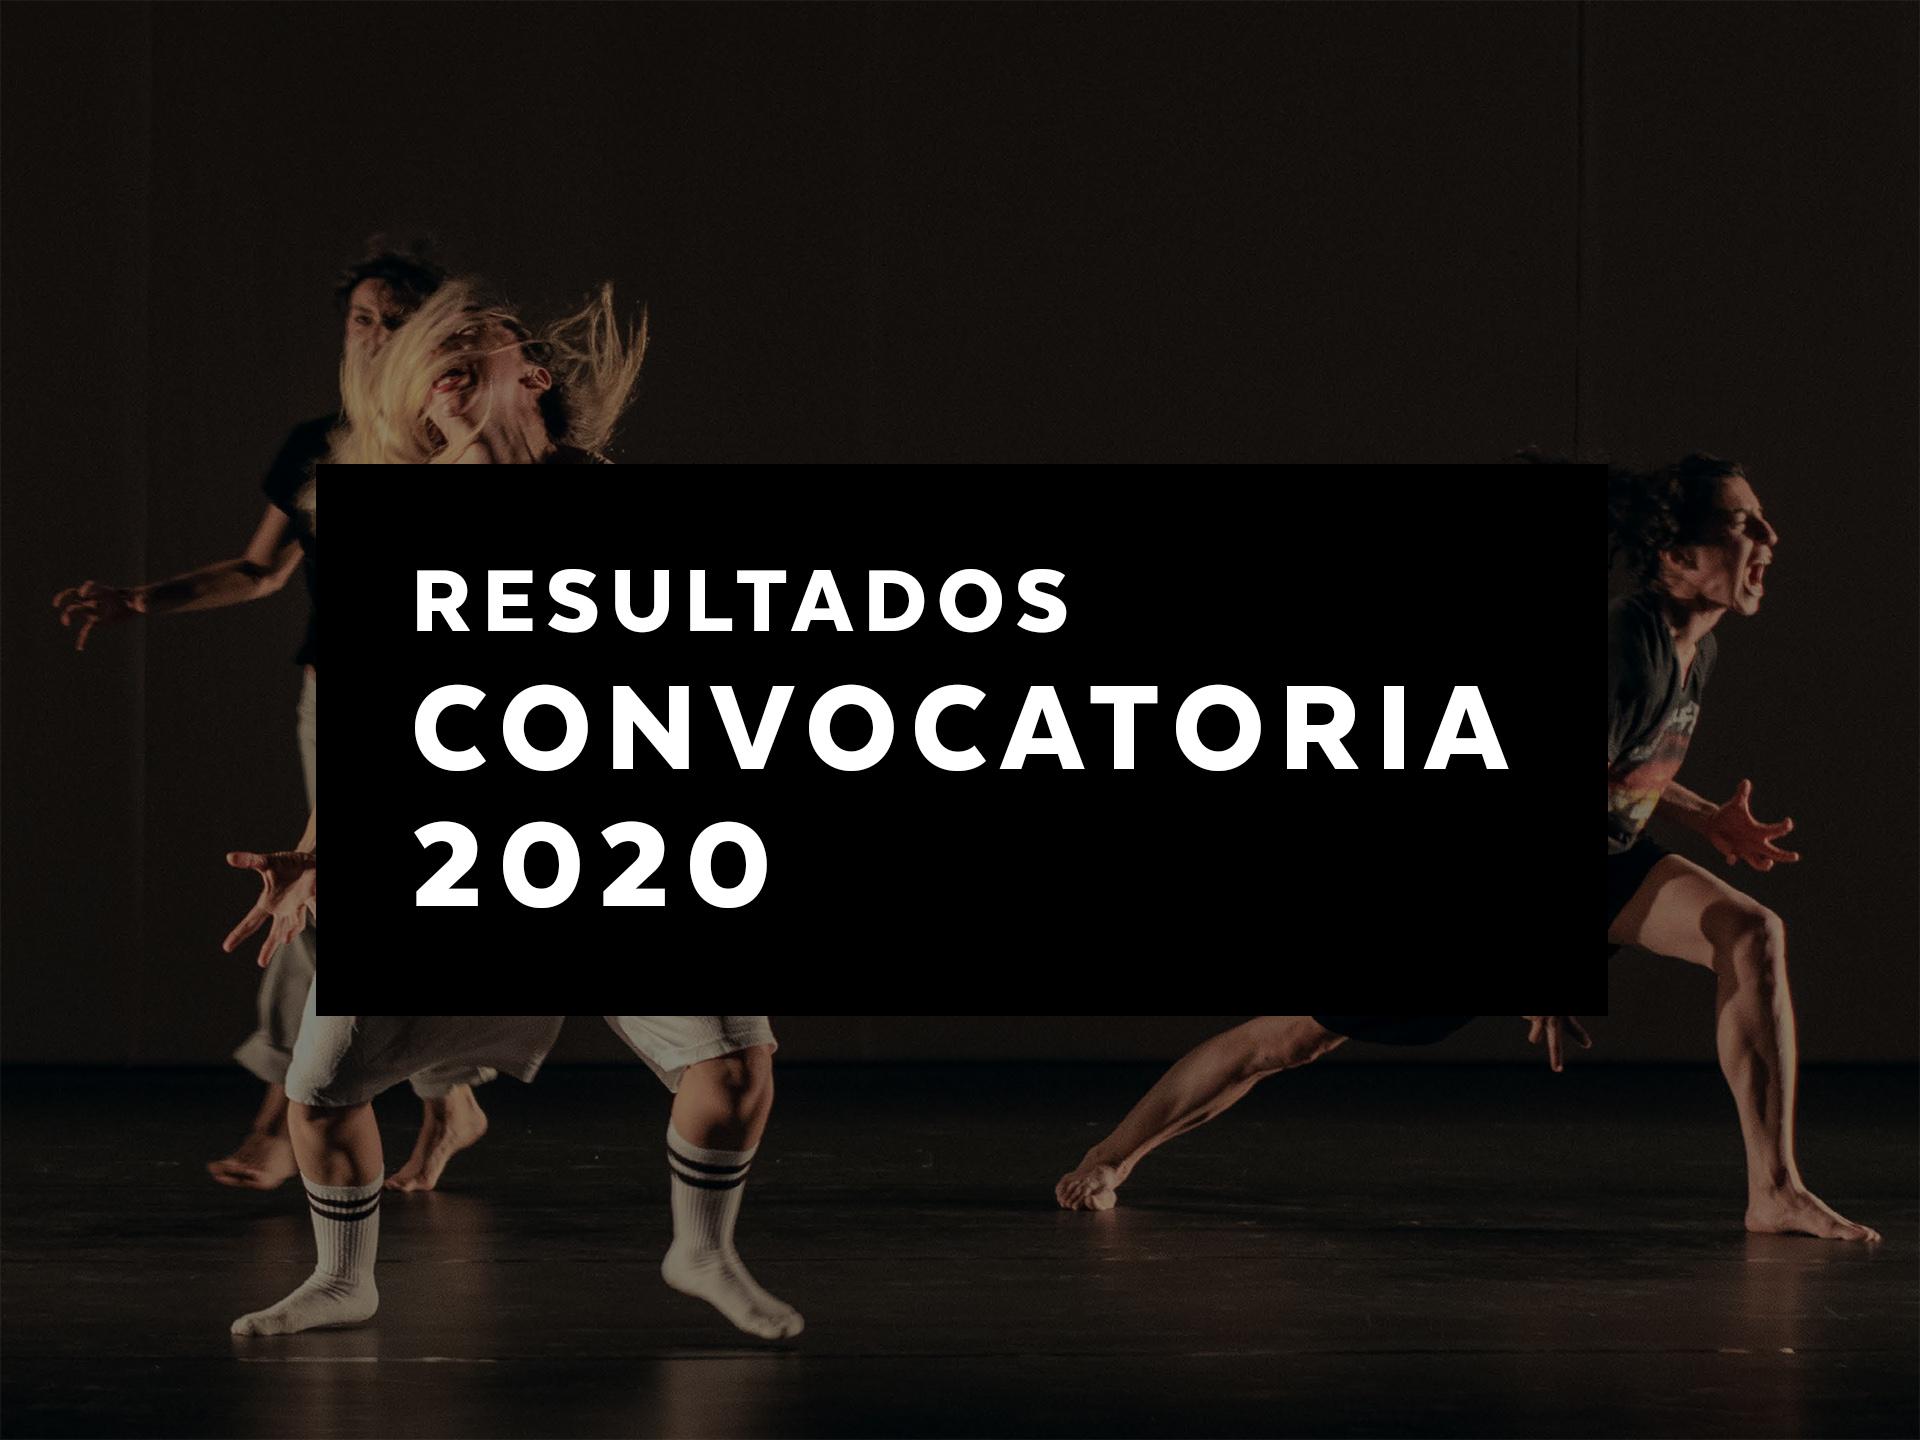 Resultados Convocatoria 2020